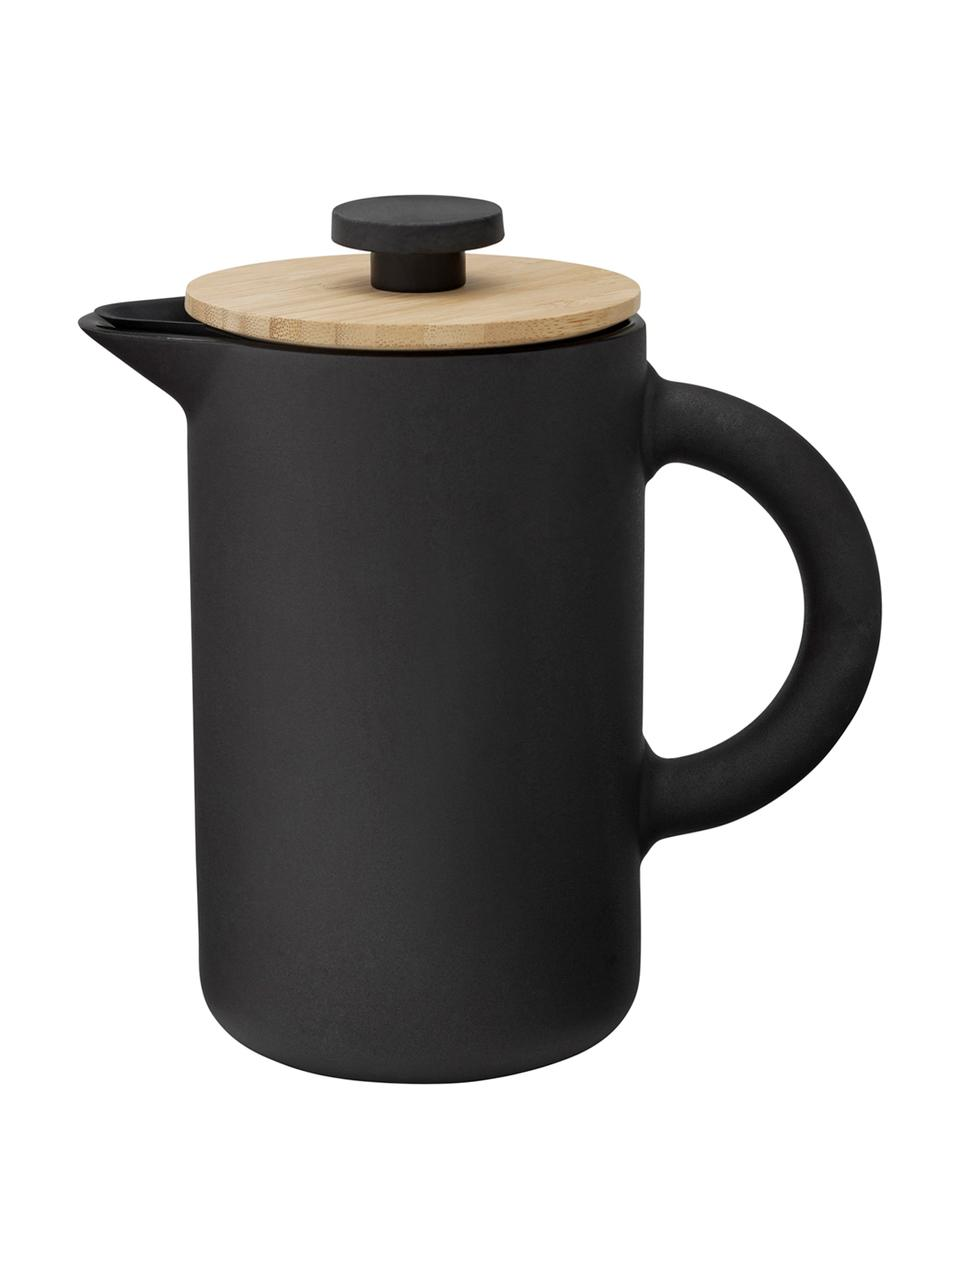 Koffiebrouwer Theo, Keramiek, Mat zwart. Deksel: lichtbruin, 800 ml